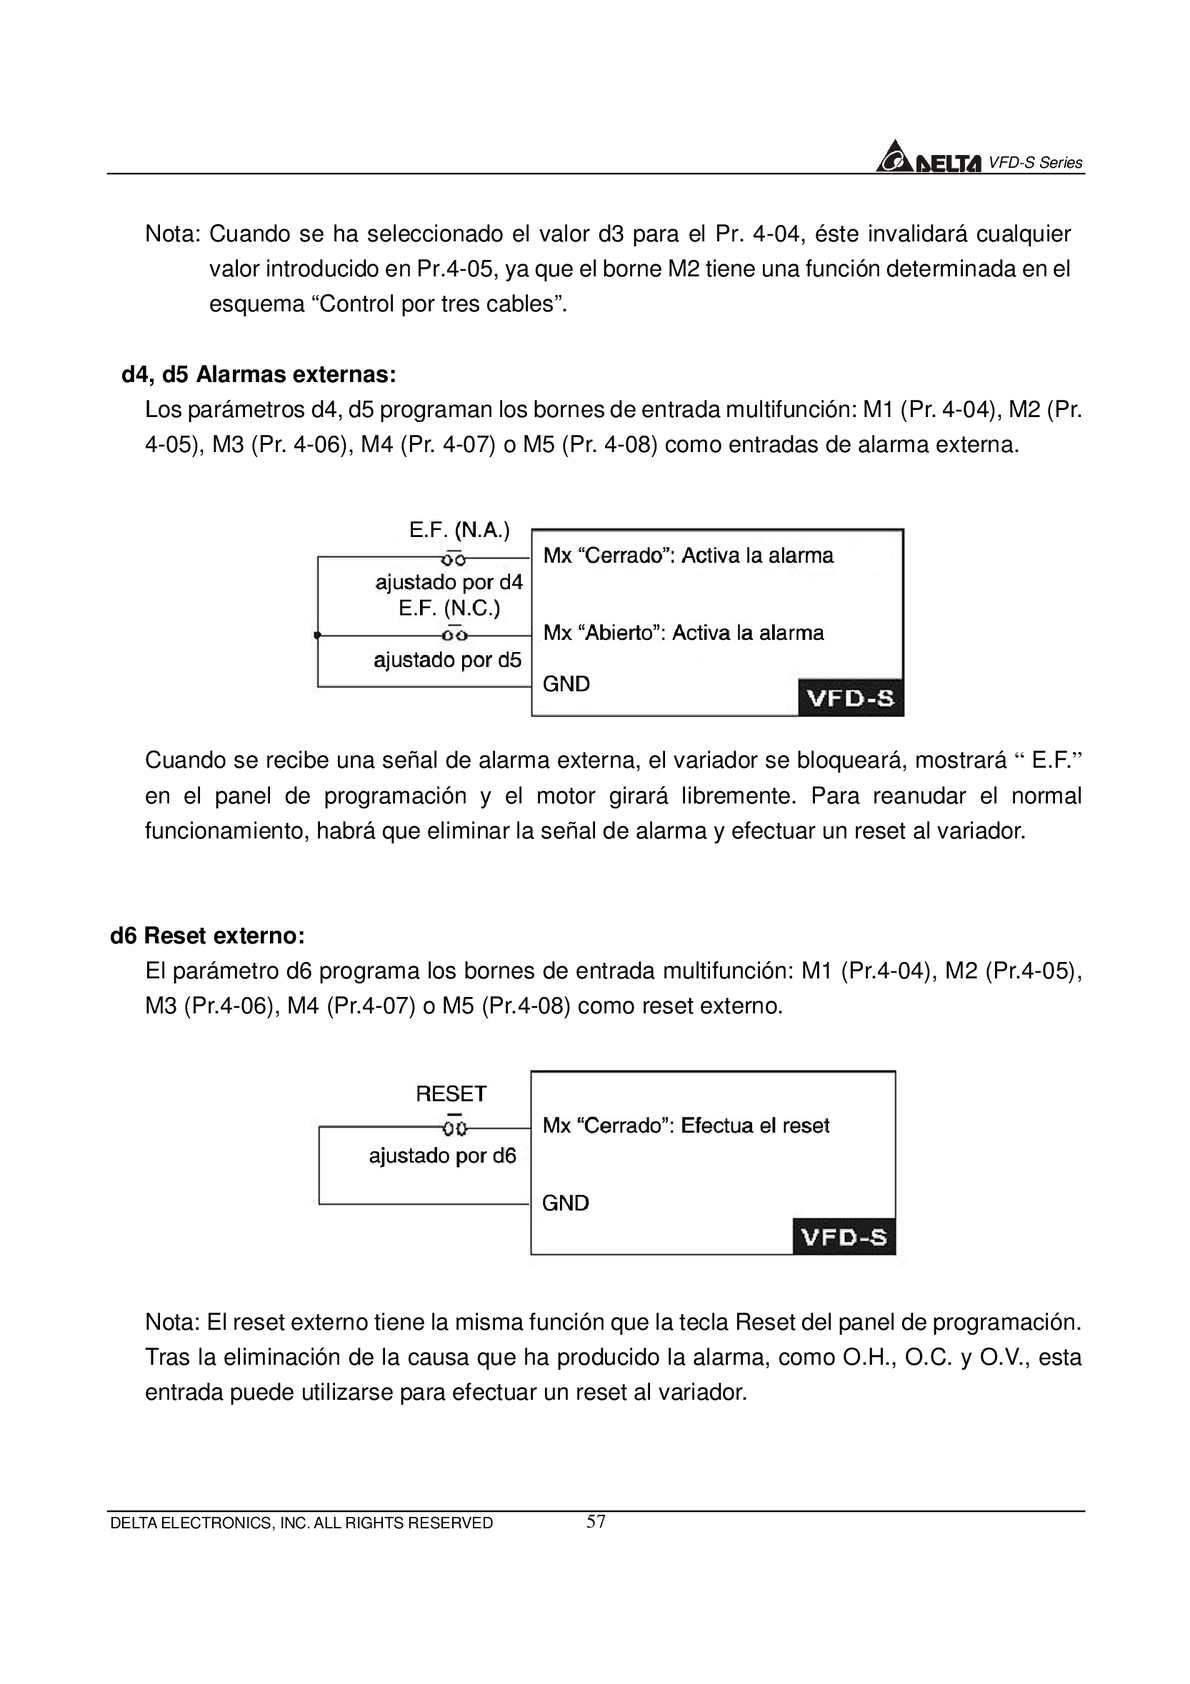 Manual VFD - CALAMEO Downloader